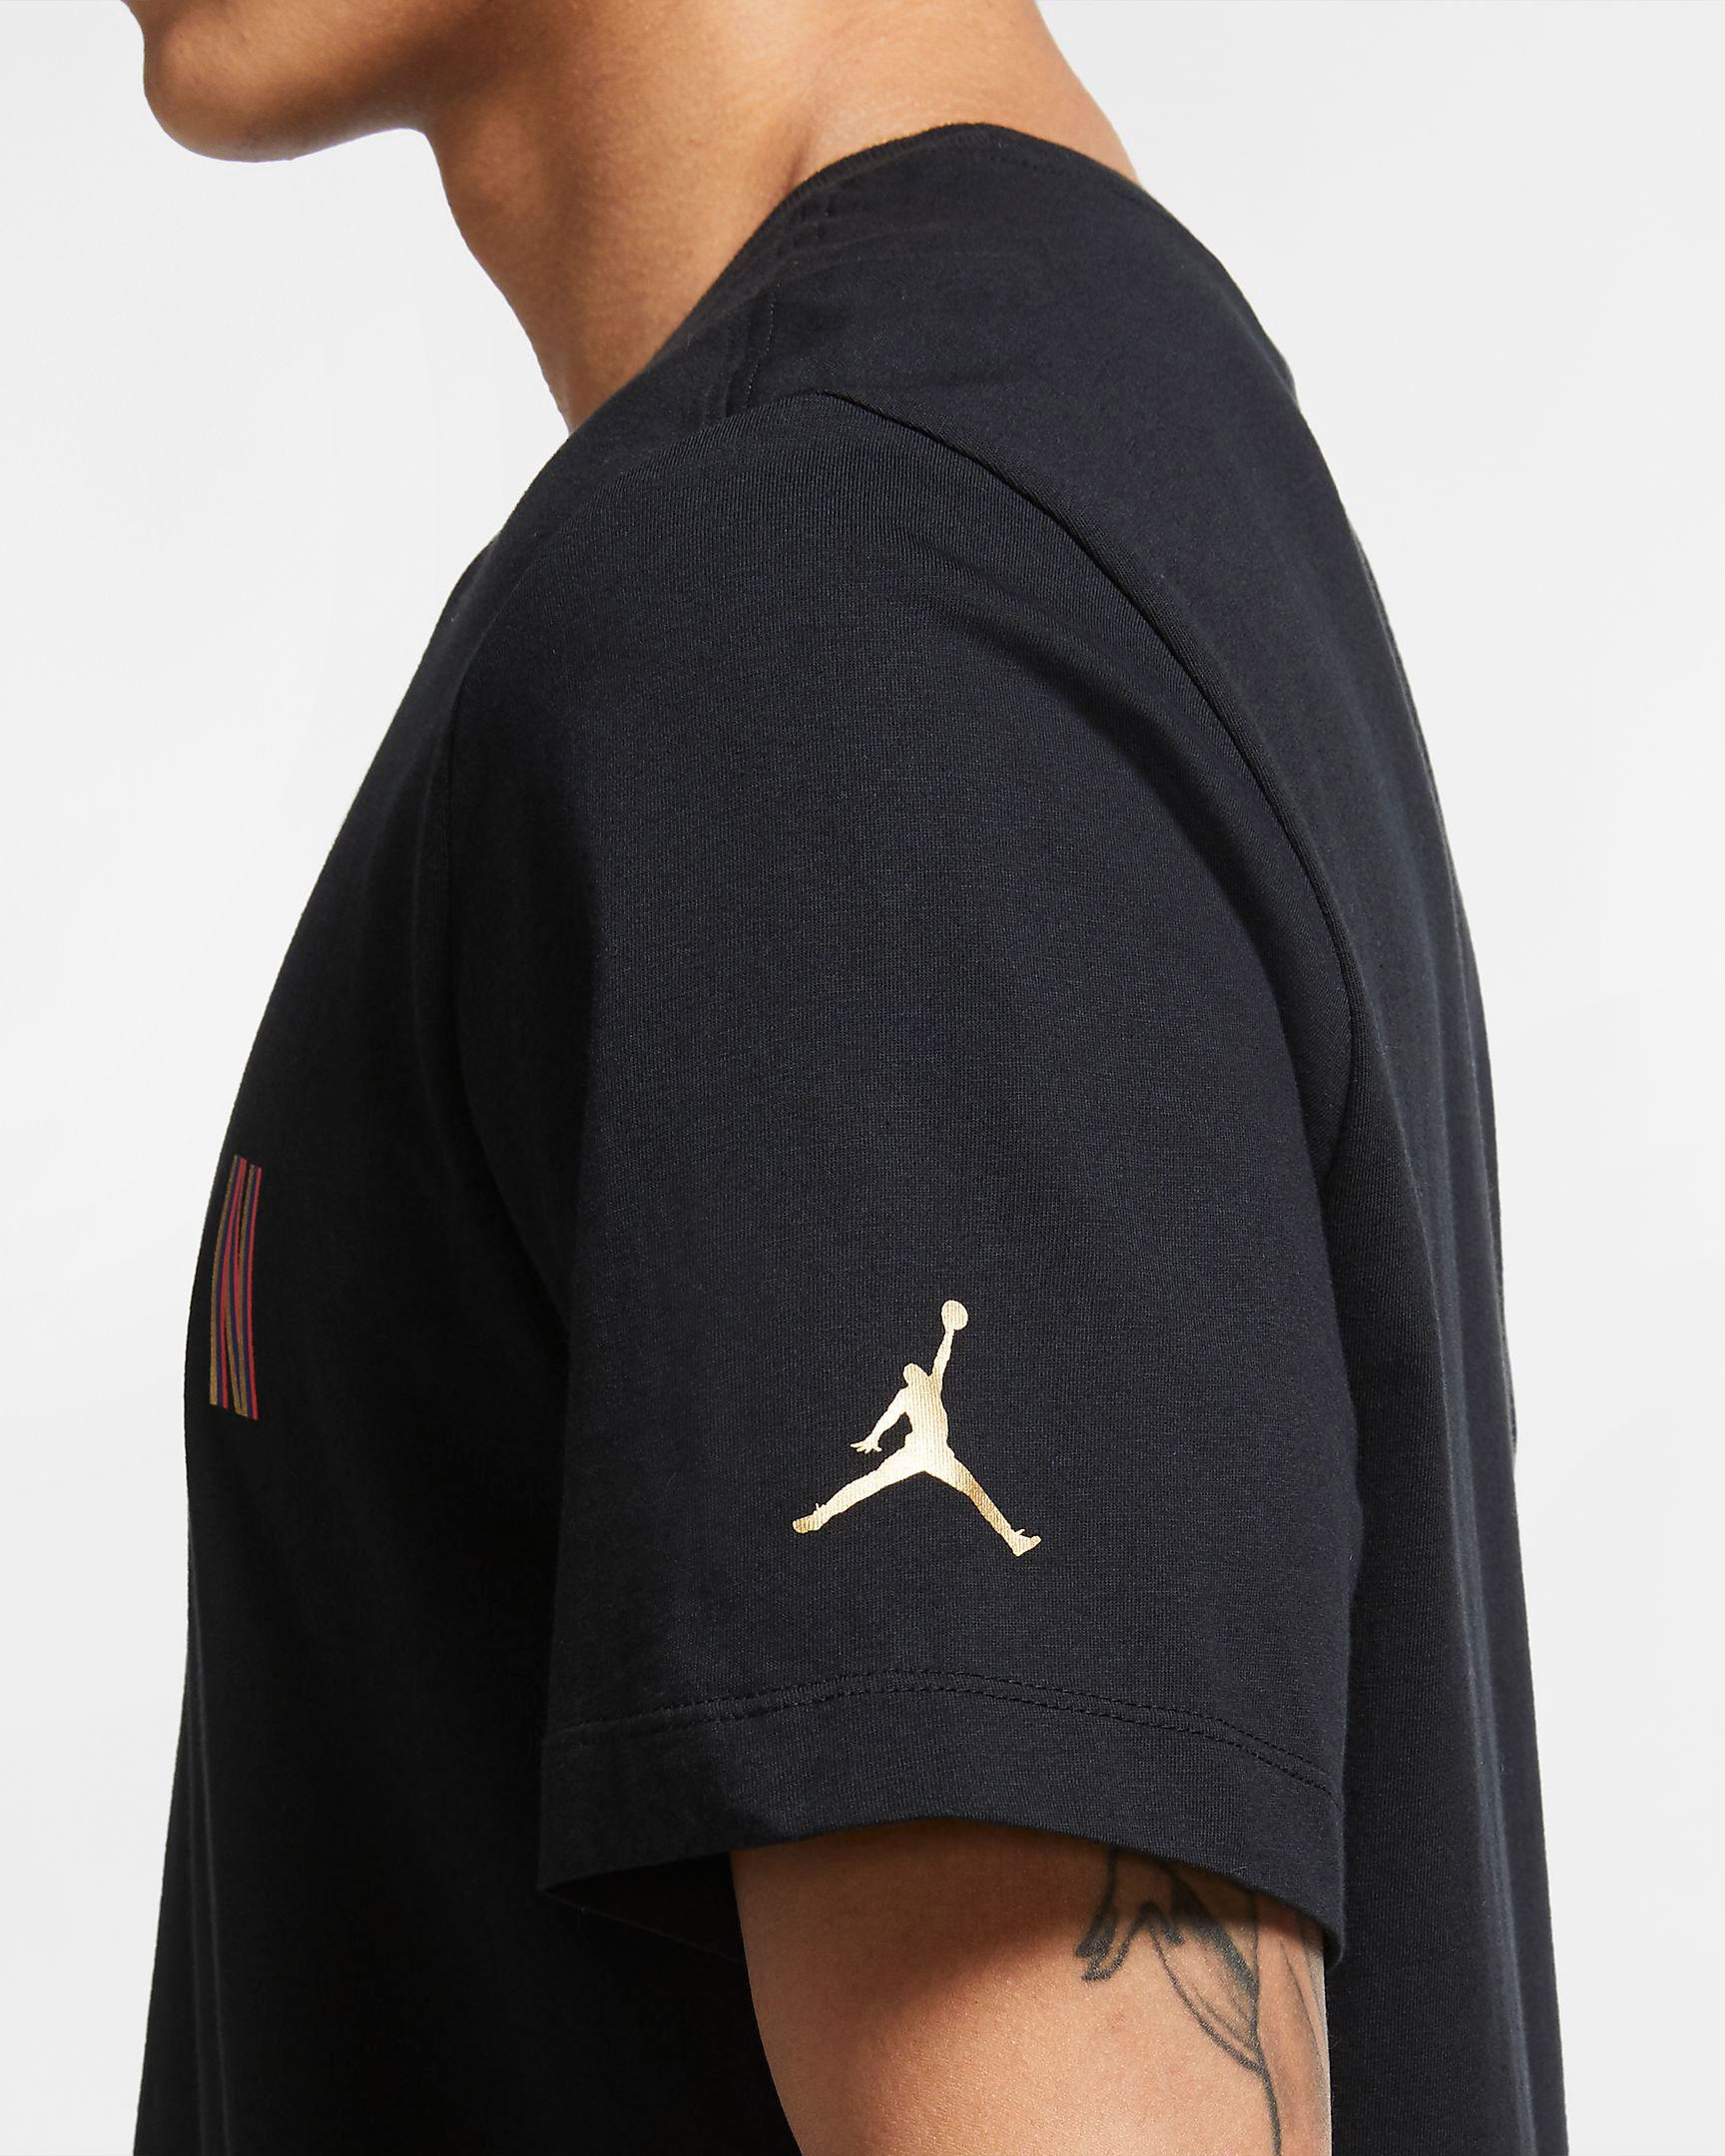 air-jordan-7-greater-china-shirt-match-2